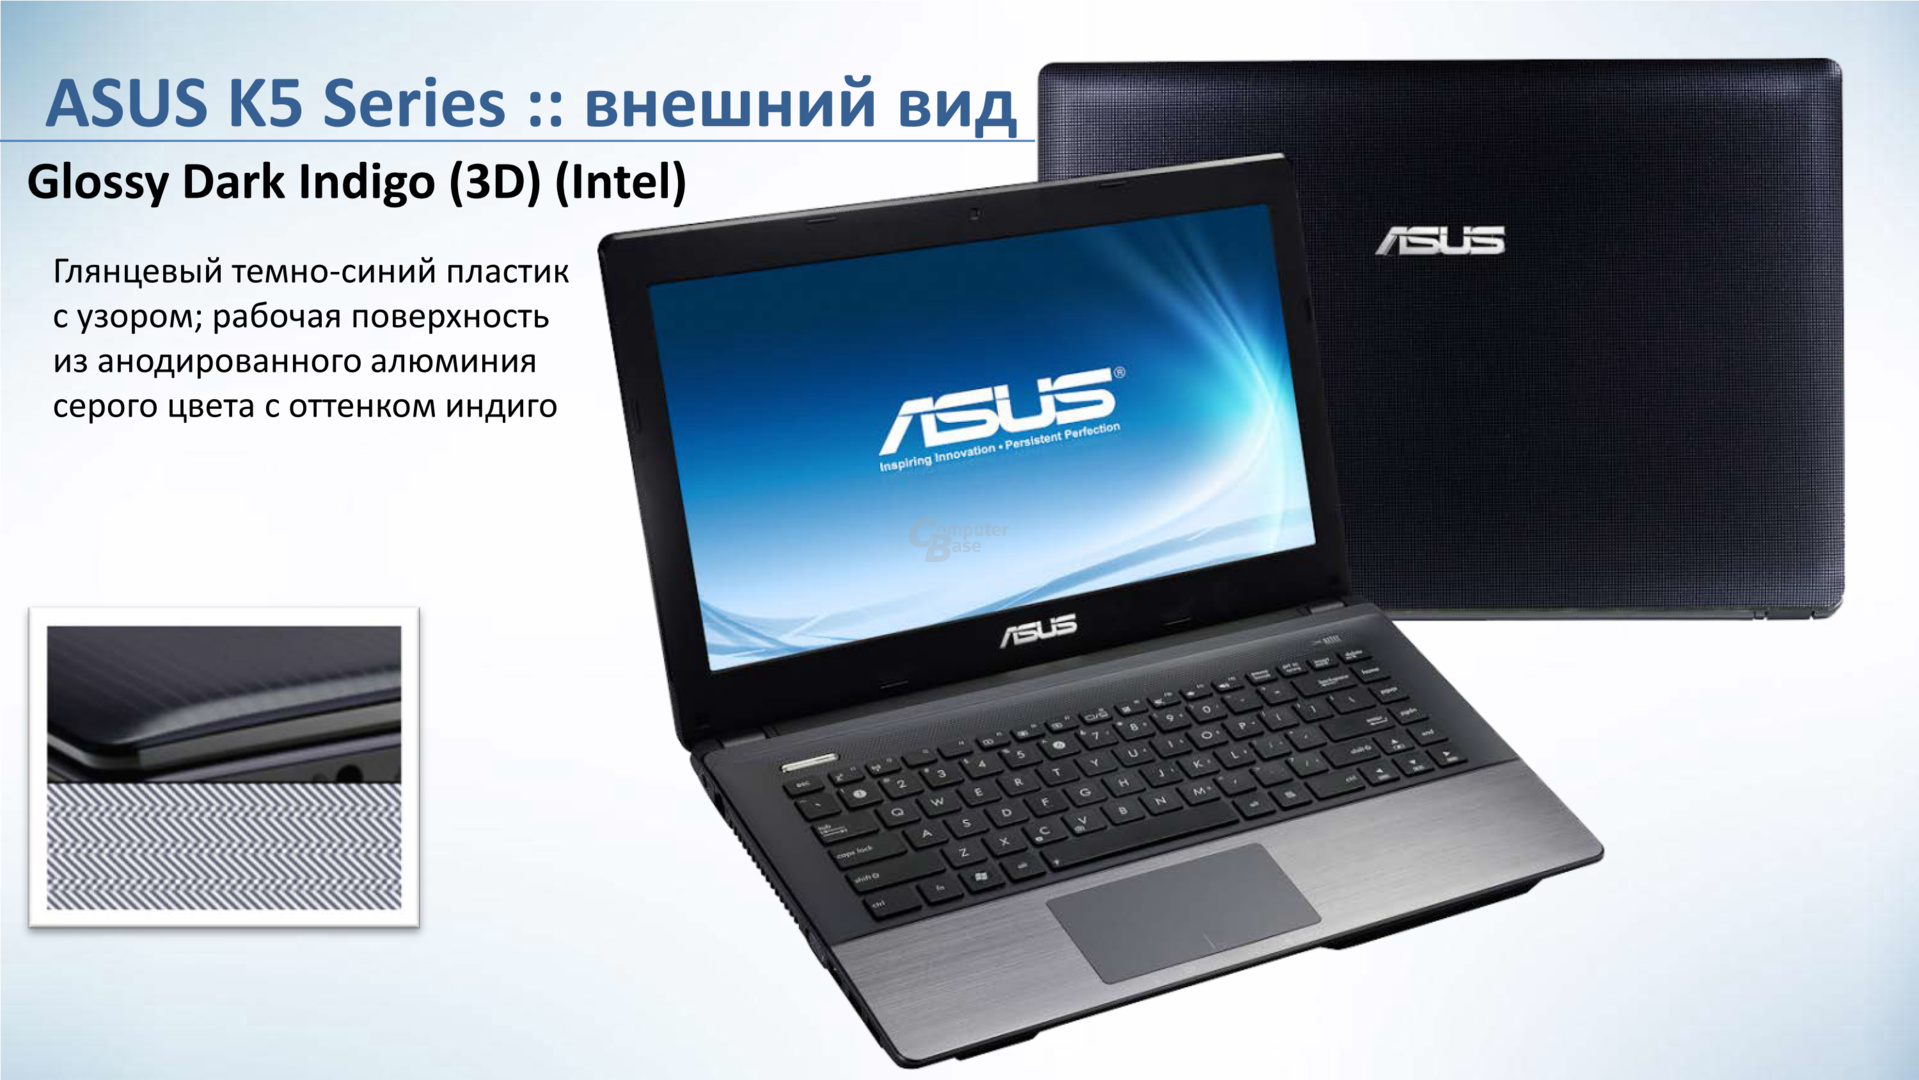 Asus K5 Series